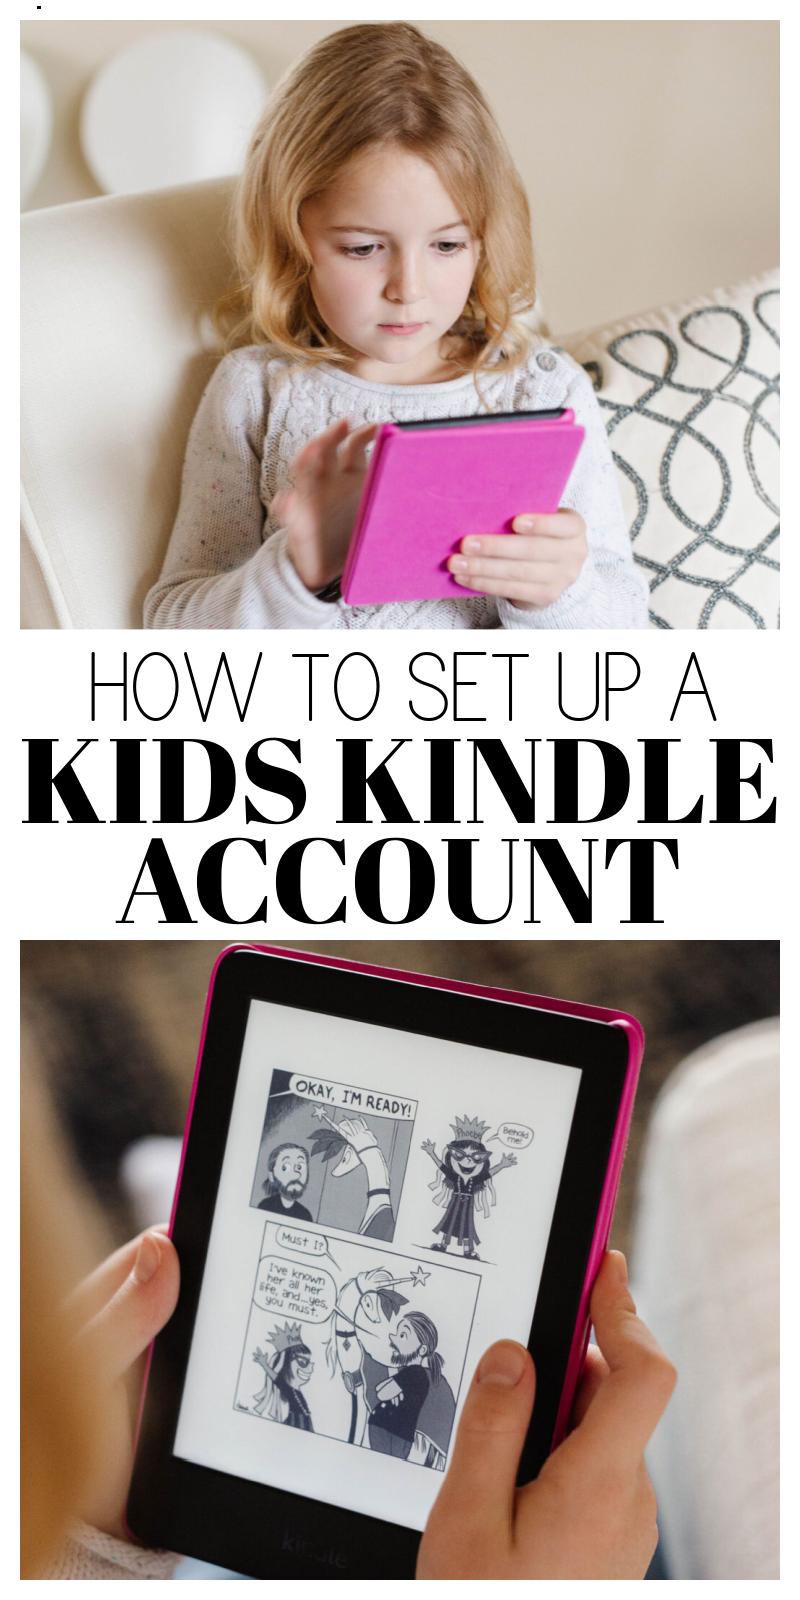 kids kindle account